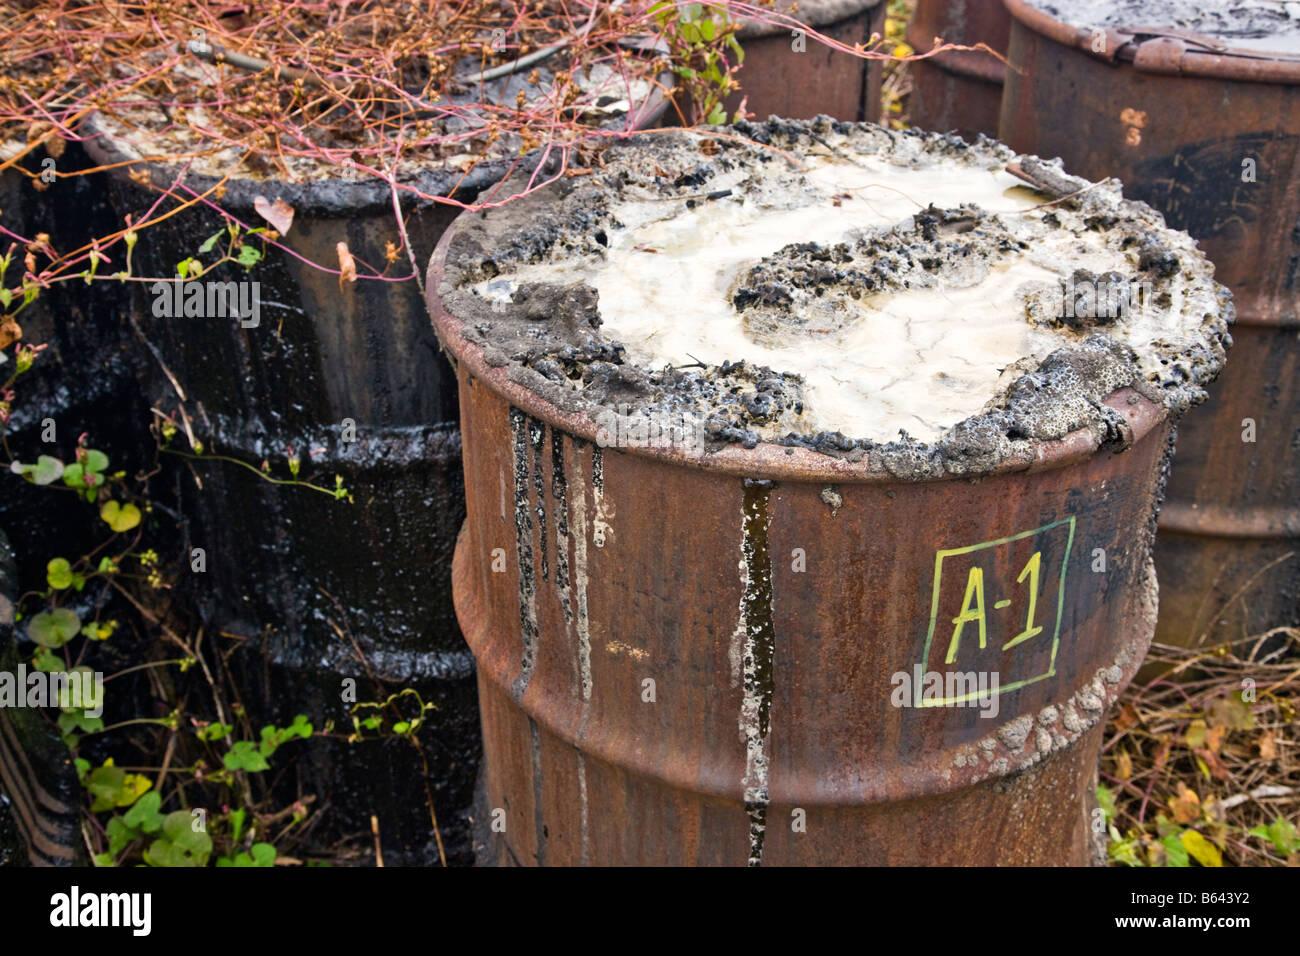 Korrodierenden rostenden oxidierende 55 Gallone Metallfässer aufgegeben. Stockbild